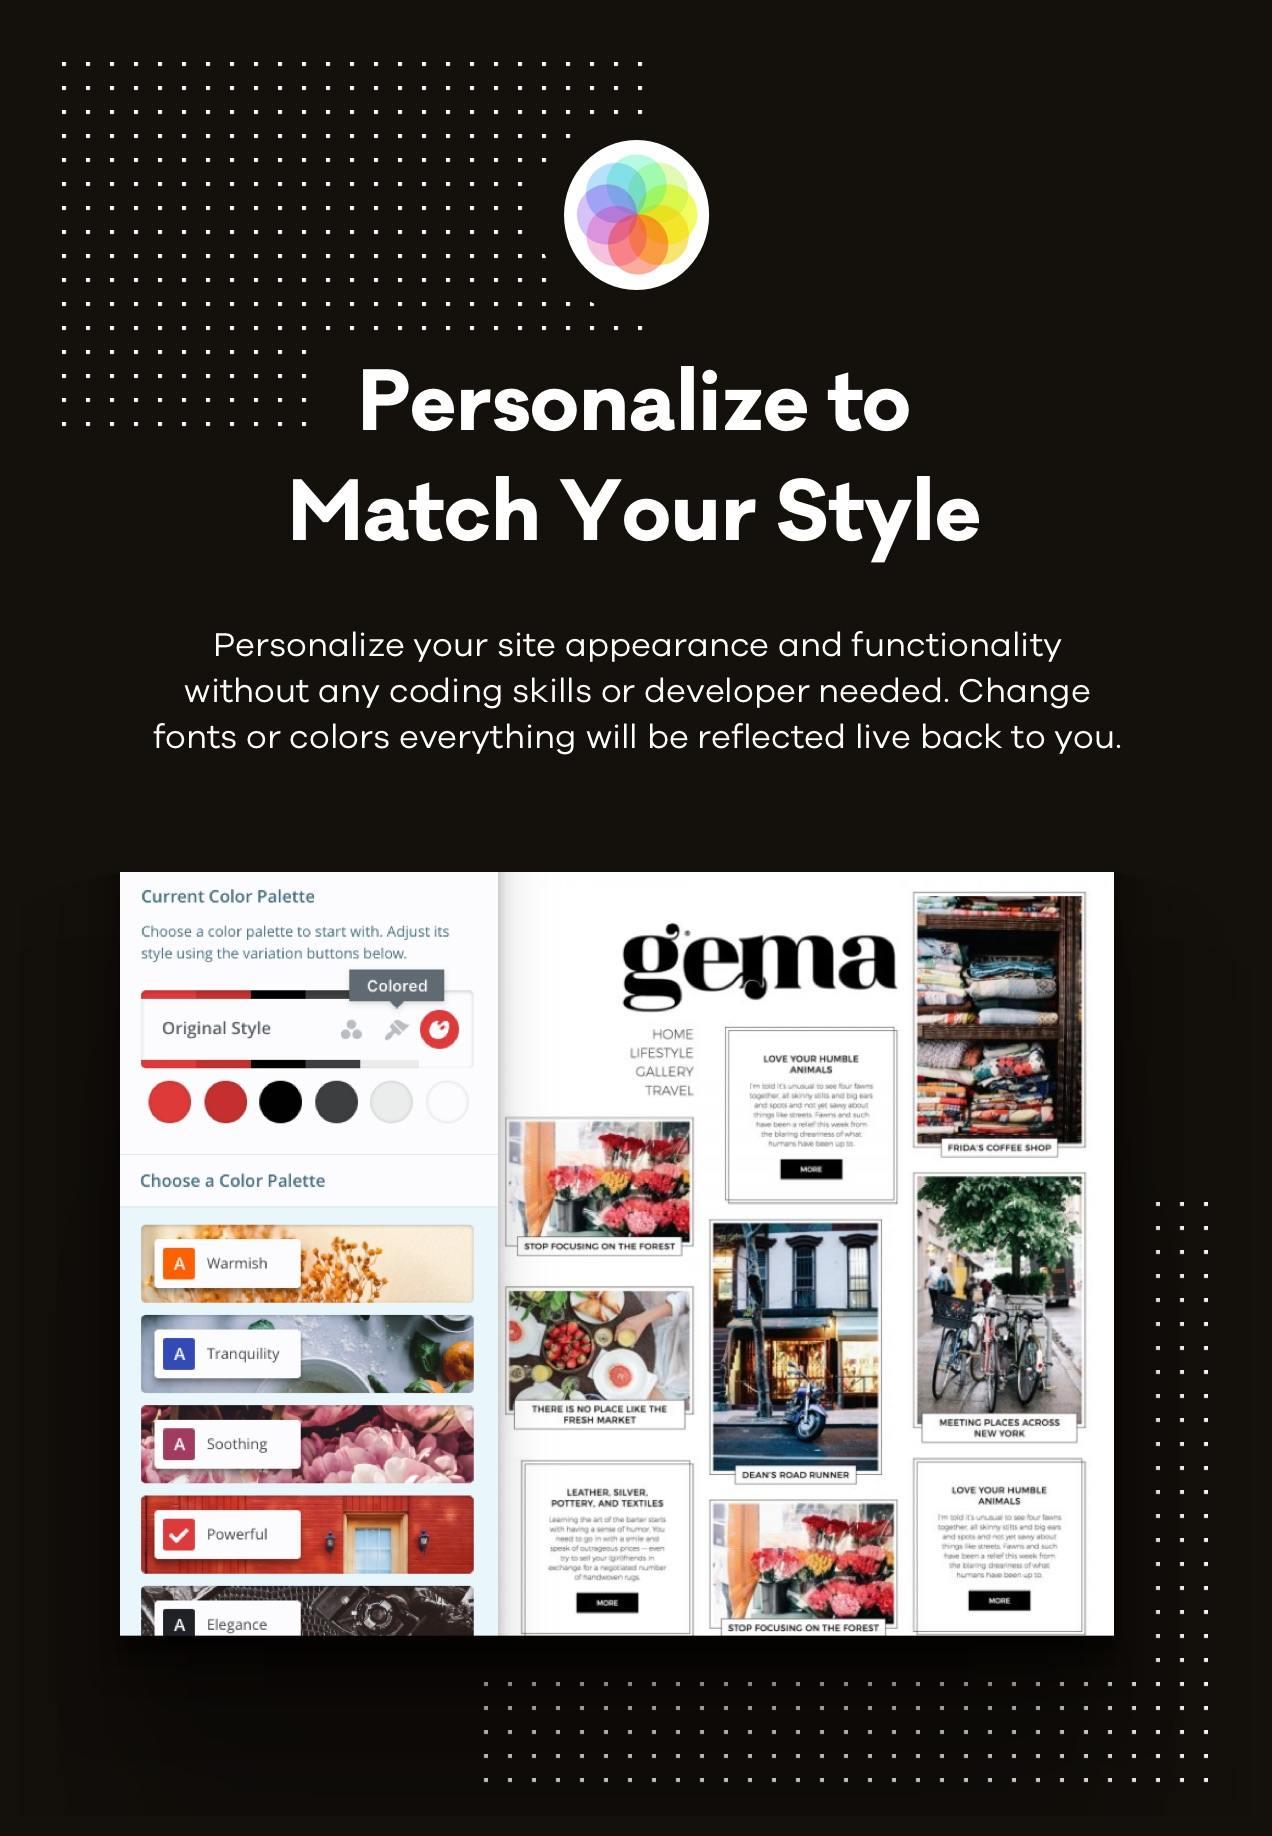 gema-personalize-56H0l.jpg